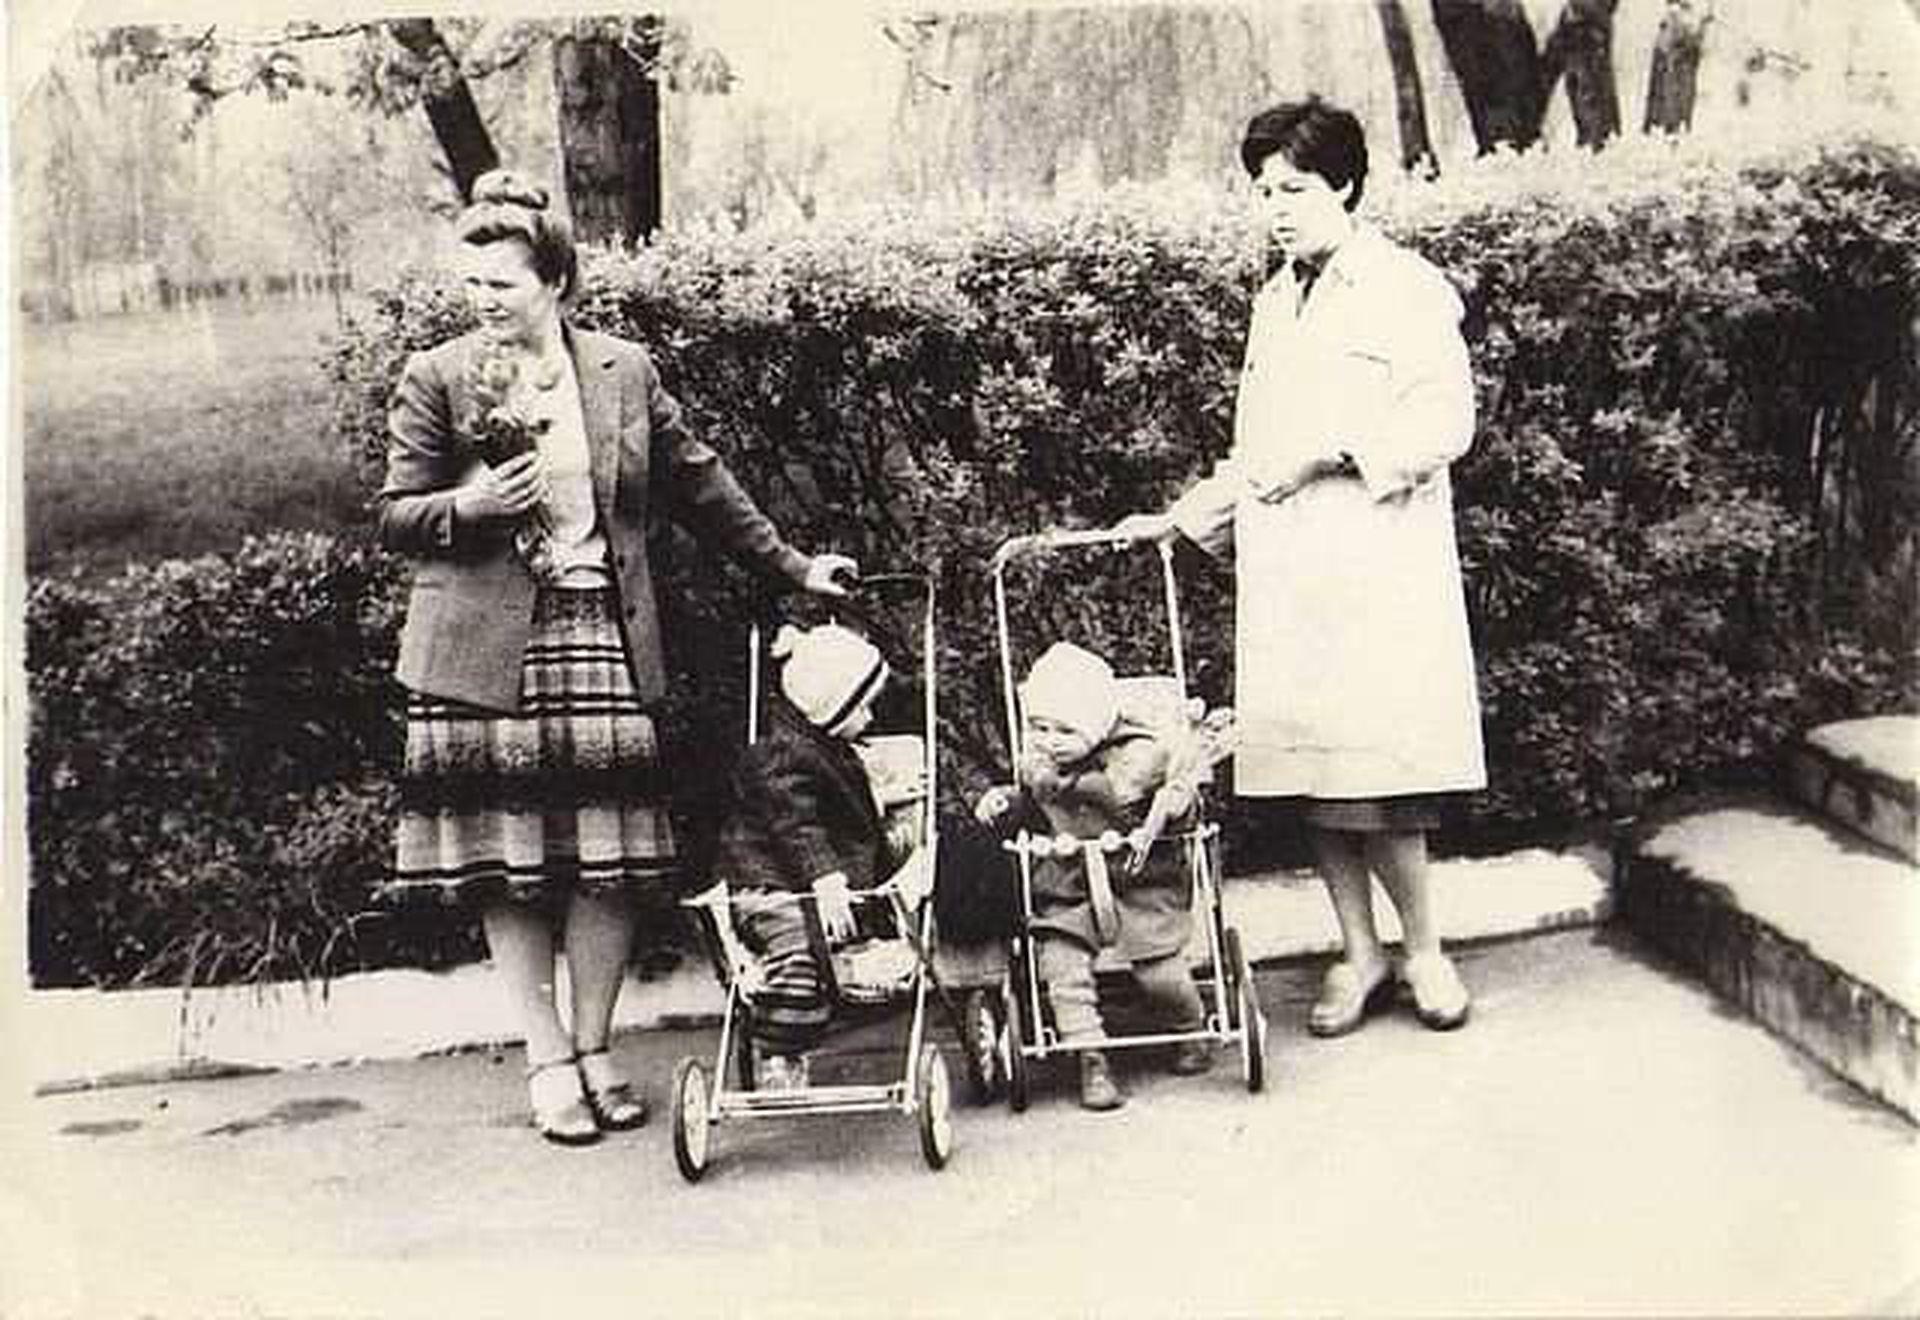 La mamá y la tía de Natalia, con su hermano y un primo en cochecito